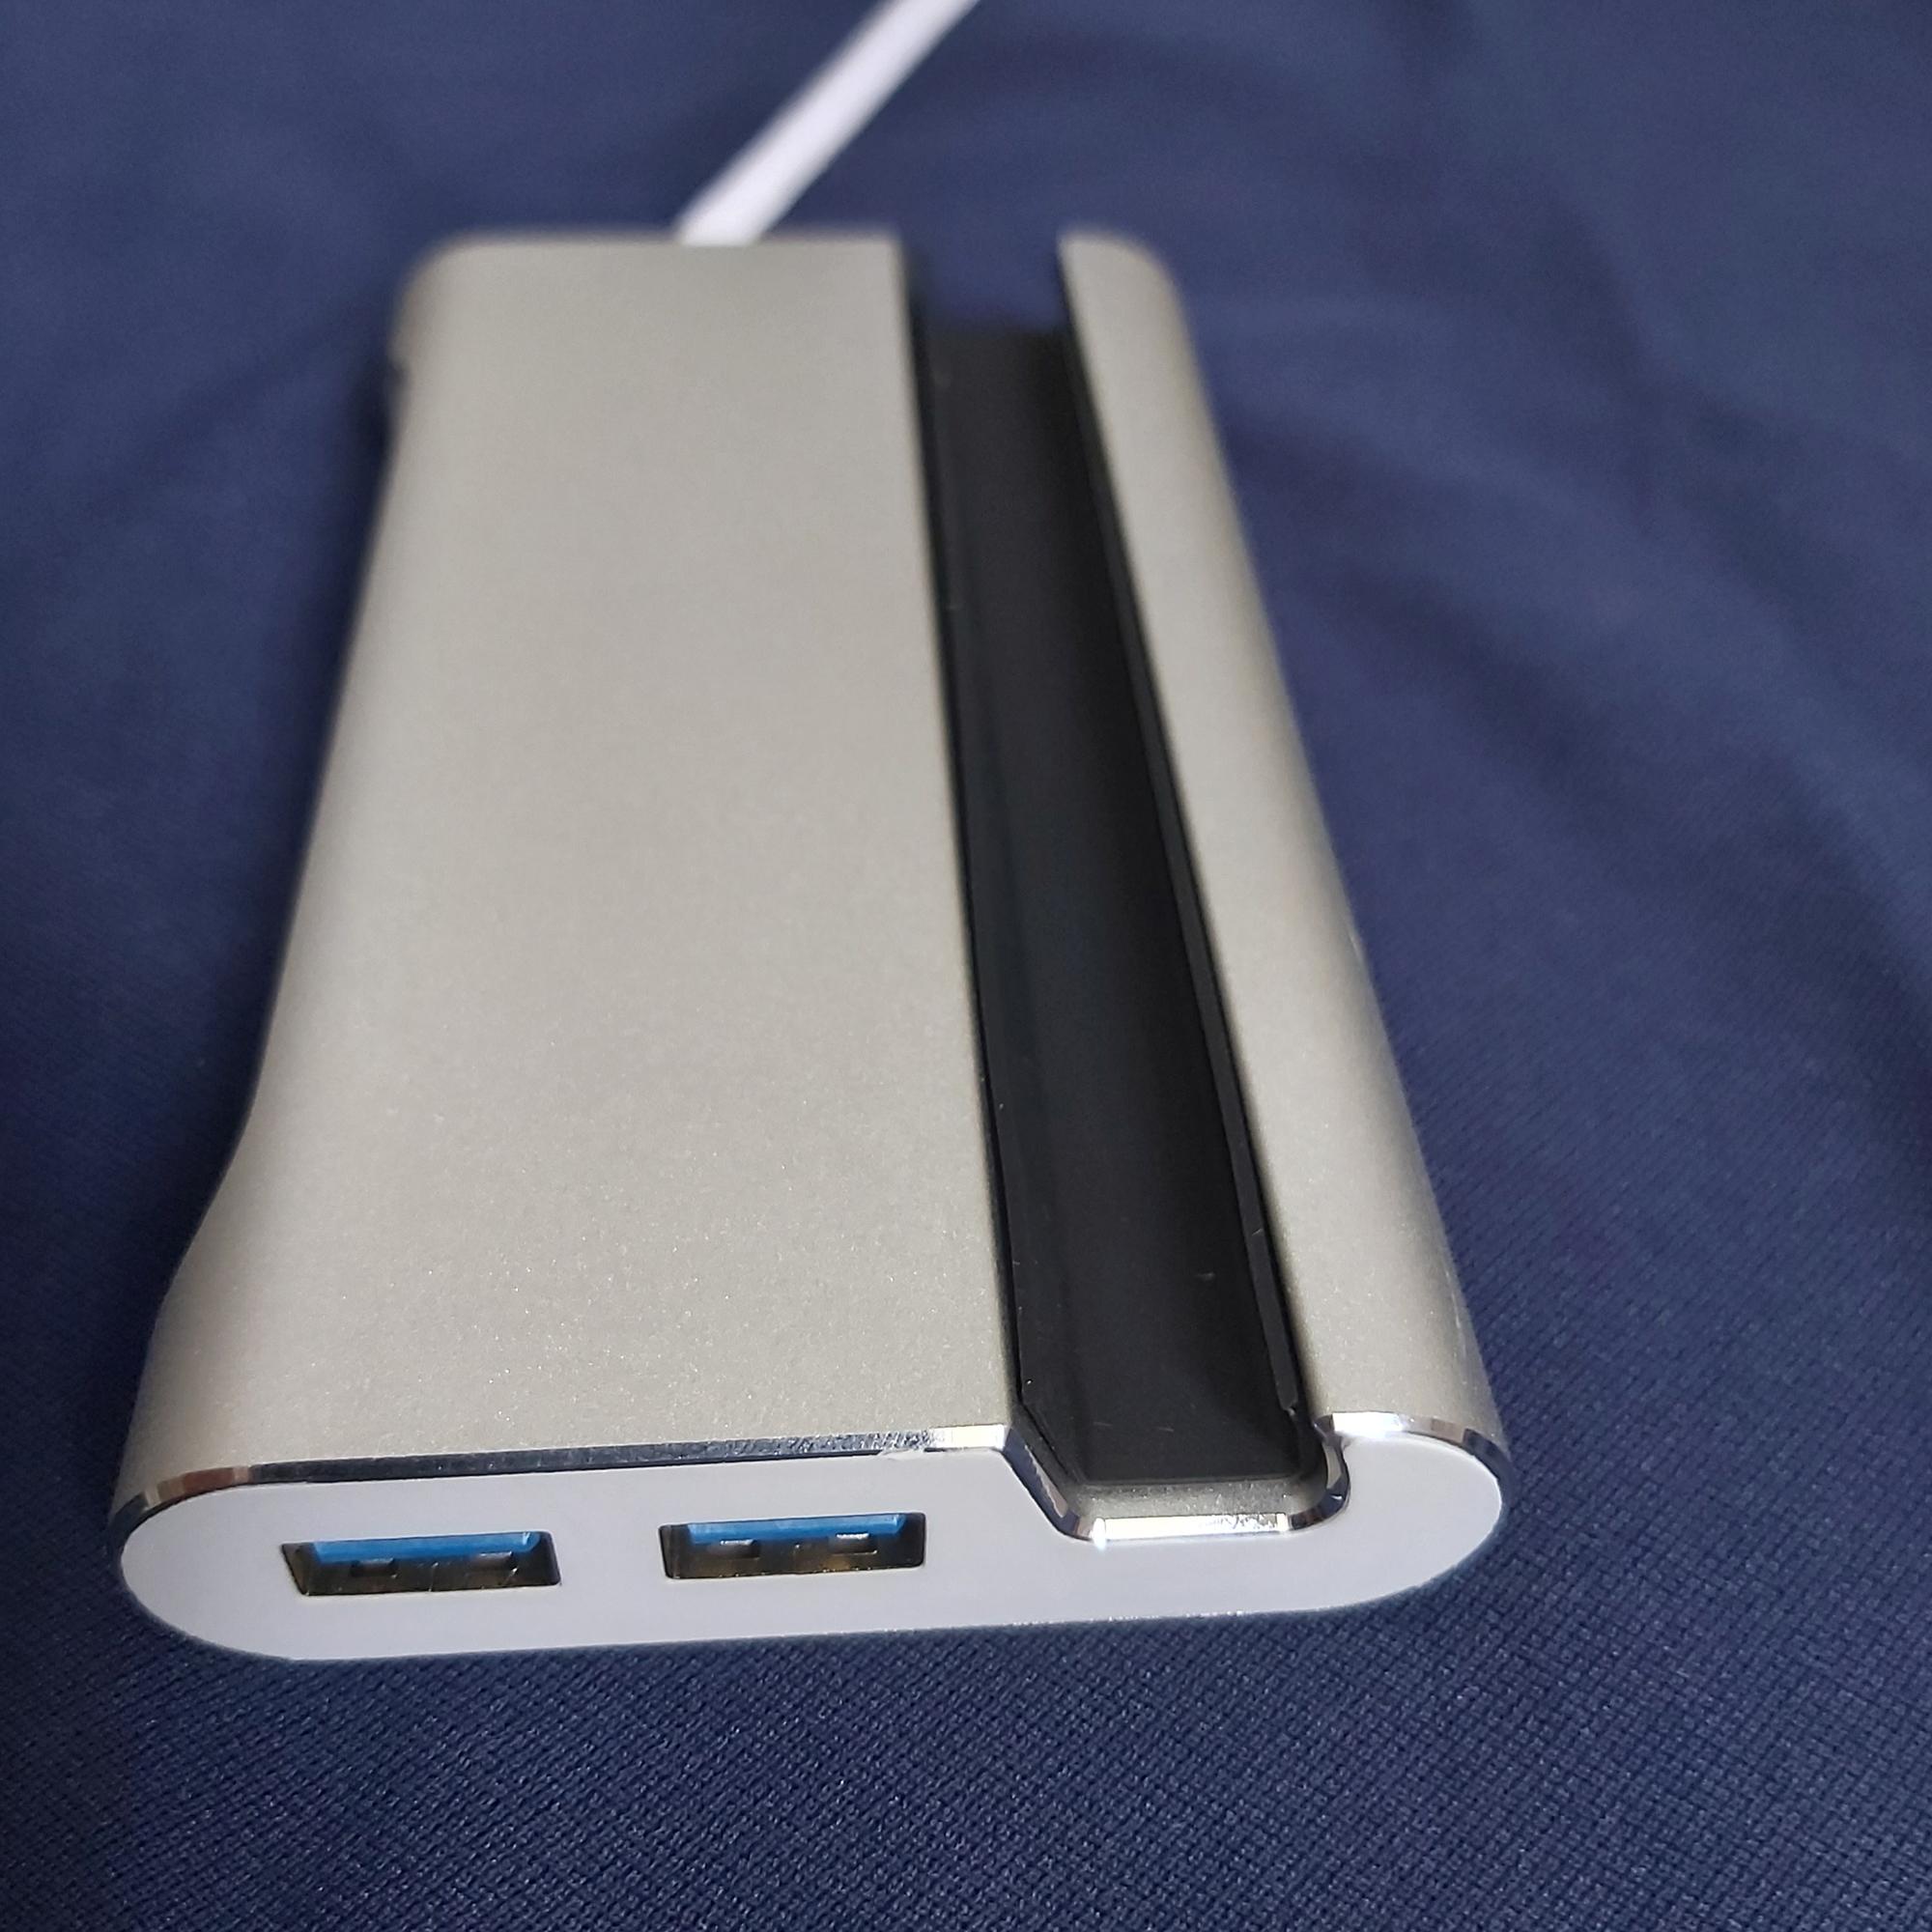 Hub USB Type-C 7 cổng chuyên dụng cho  Samsung Dex - hỗ trợ HDMI/ VGA/ RJ45 sạc nhanh/ USB 3.0 70371